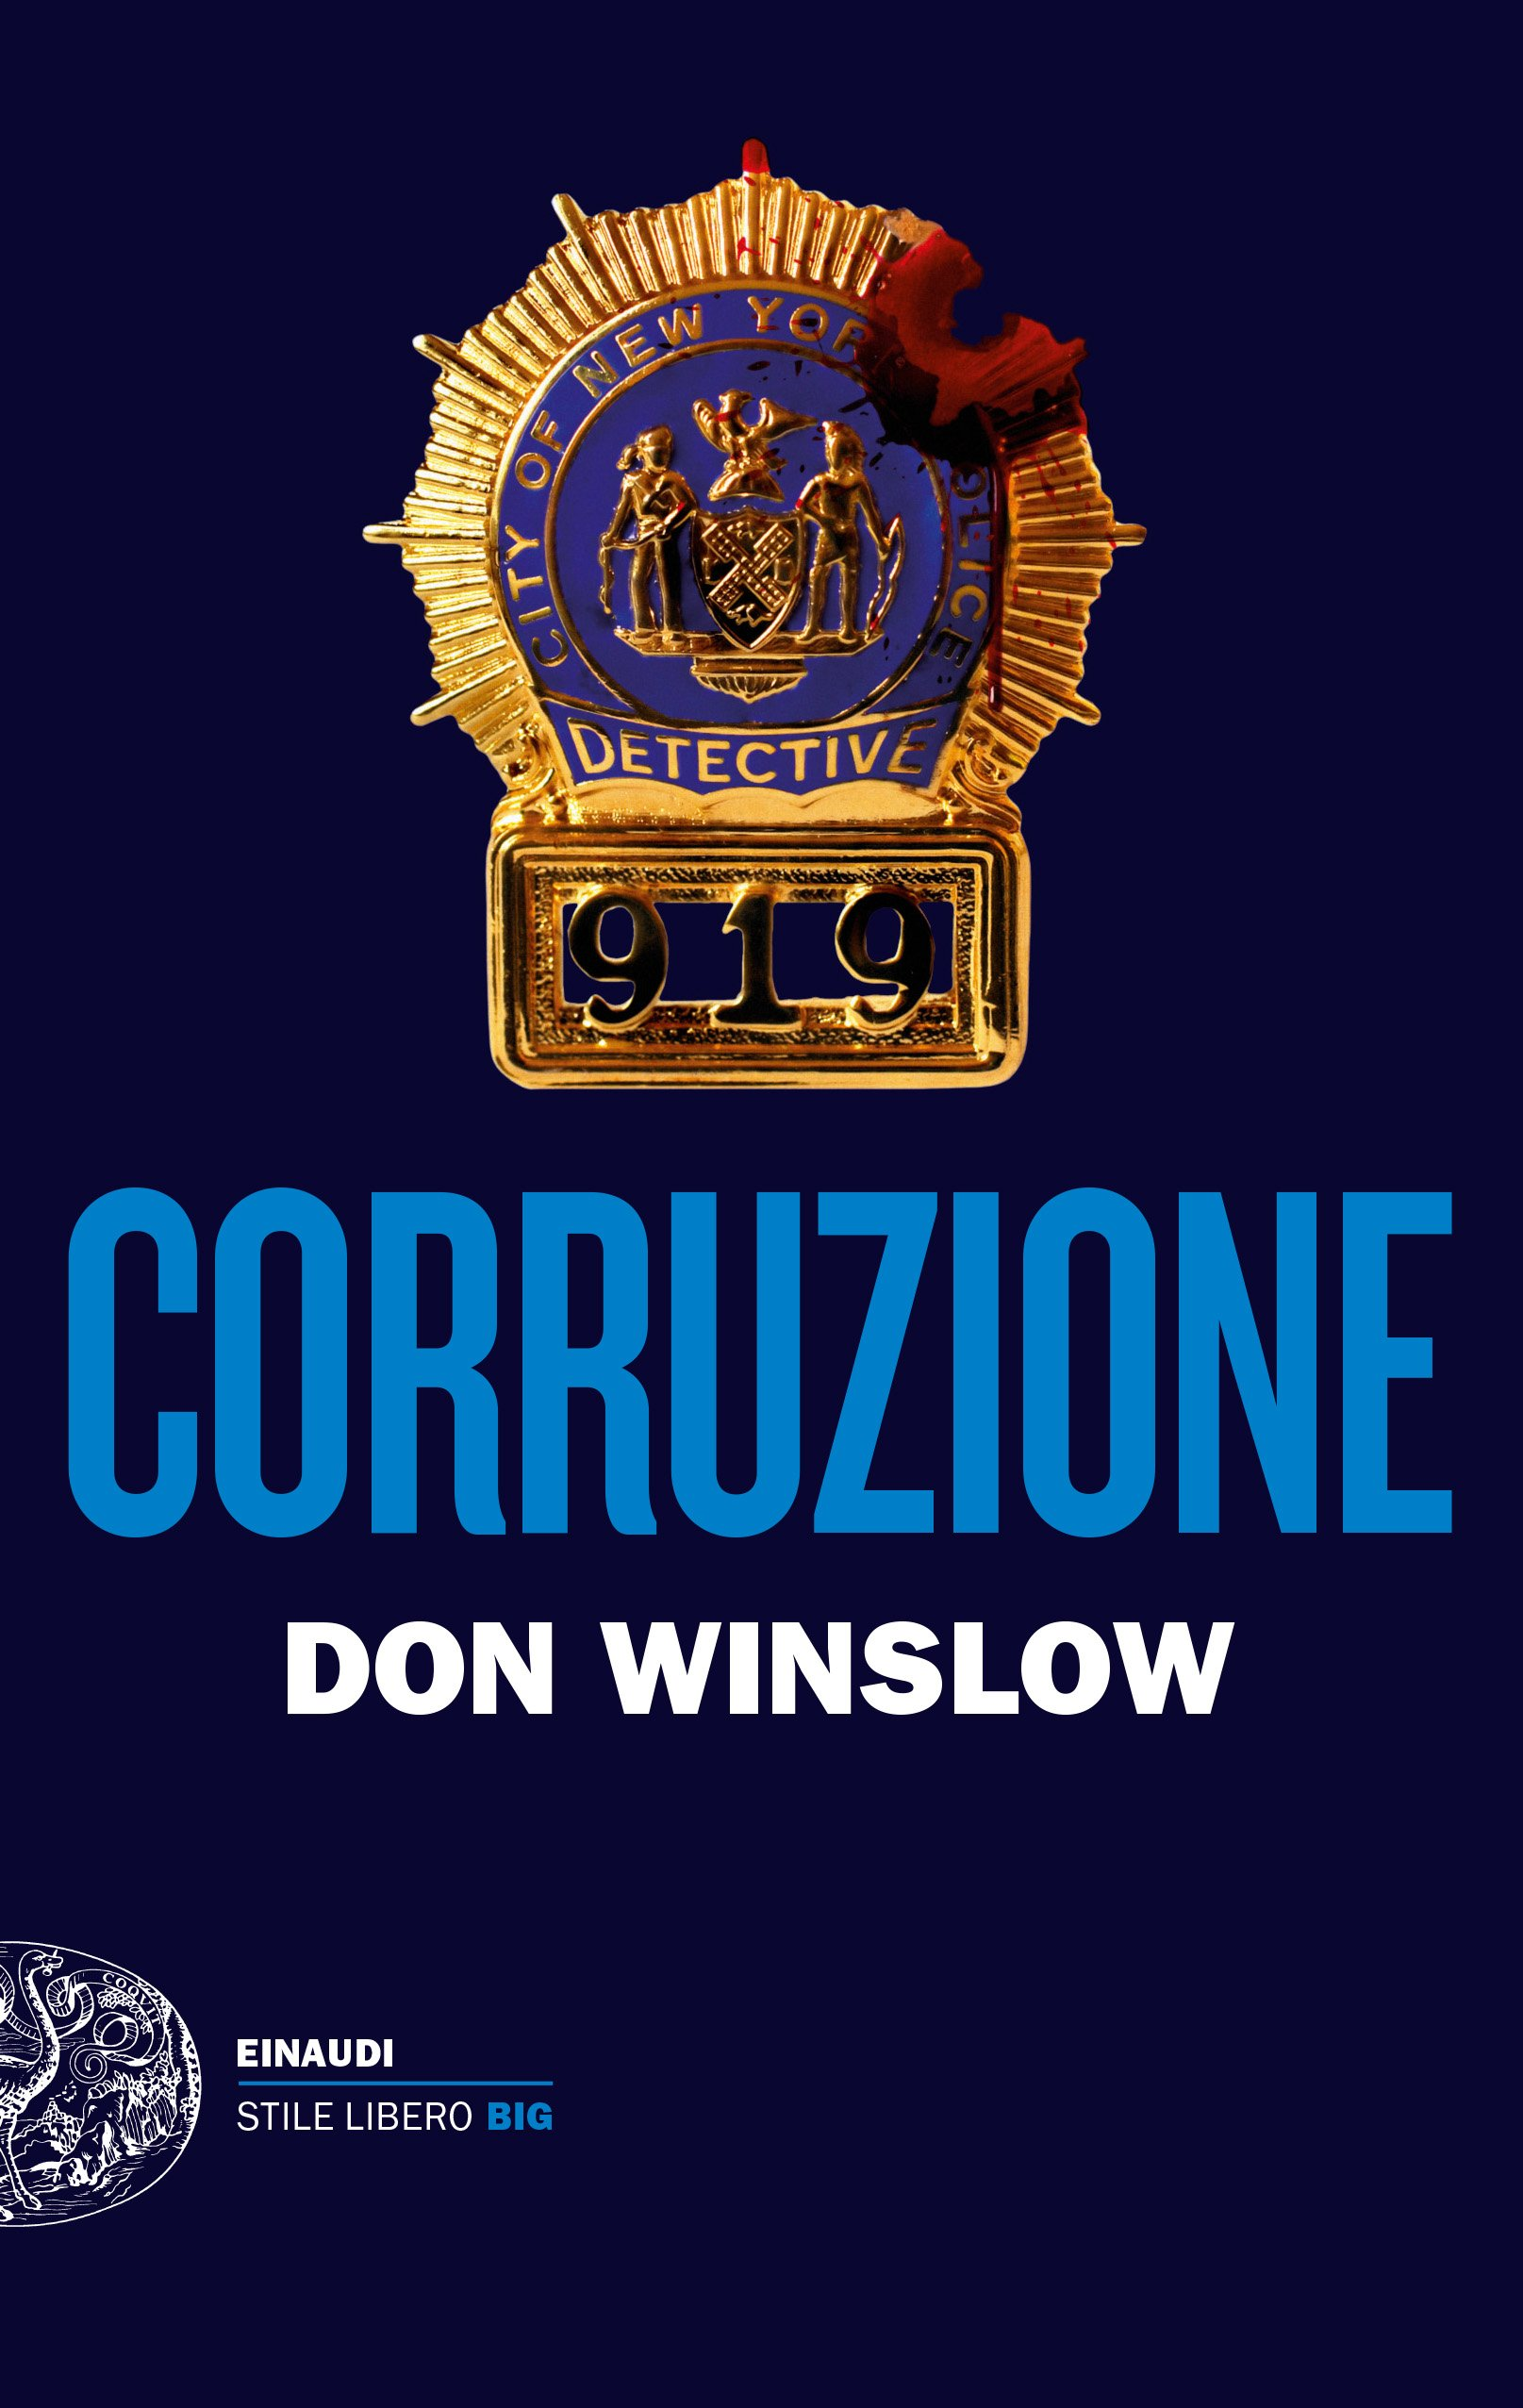 corruzione don winslow